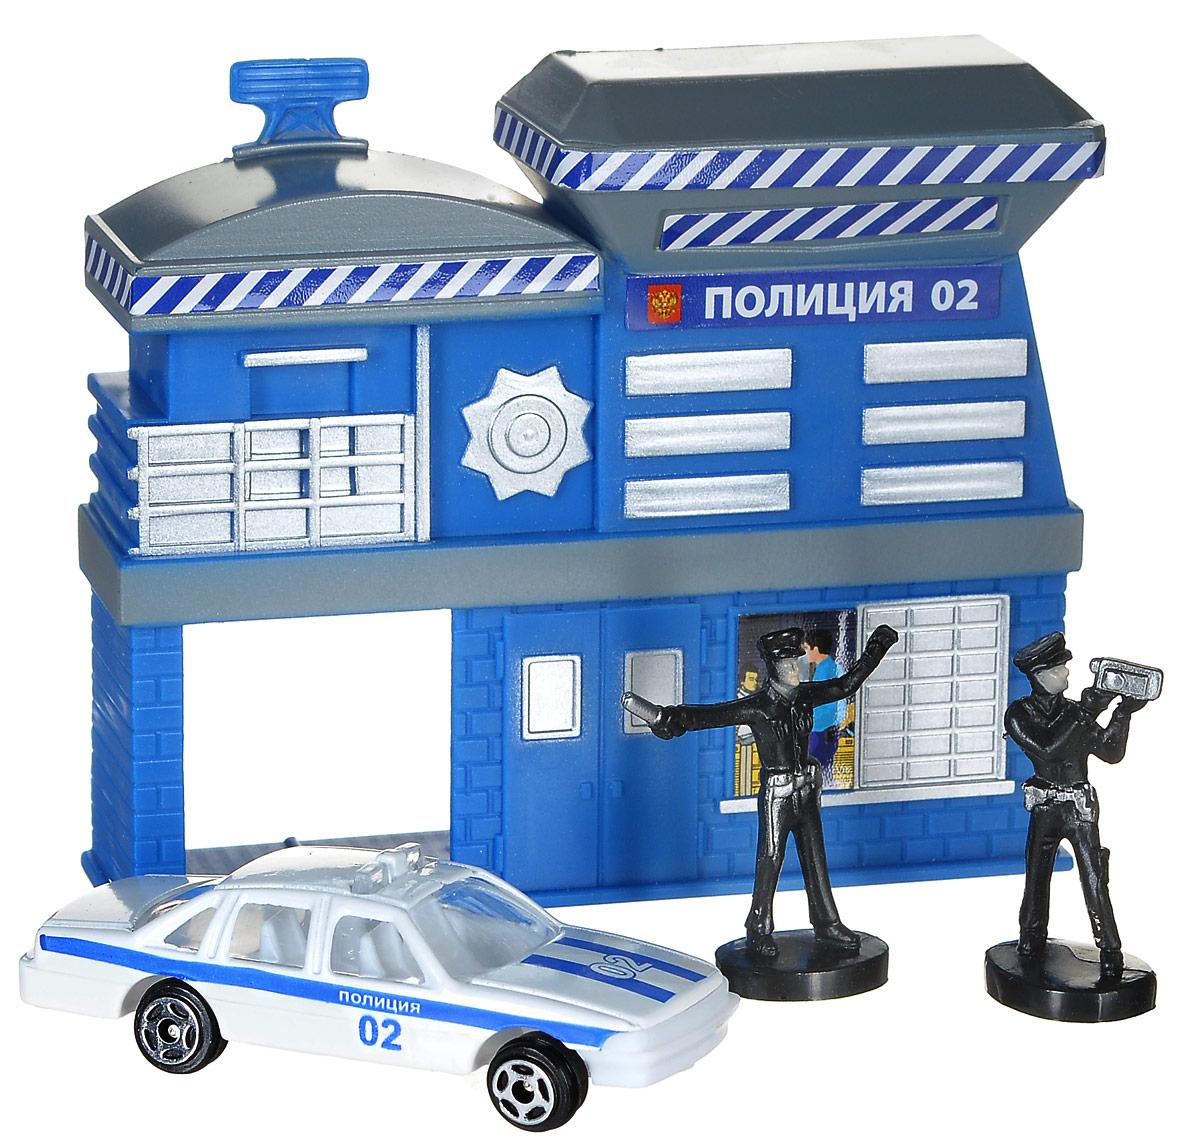 ТехноПарк Игровой набор Полицейский участок30413Игровой набор ТехноПарк Полицейский участок приятно порадует каждого мальчика. Набор добавит для вашего ребенка больше возможностей для игры с машинками. Полиция будет наказывать правонарушителей. В наборе имеется полицейский участок, машинка и две фигурки. Ваш ребенок с радостью будет играть с этим удивительным набором, придумывая различные захватывающие сюжеты. Порадуйте своего малыша такой интересной игрушкой!